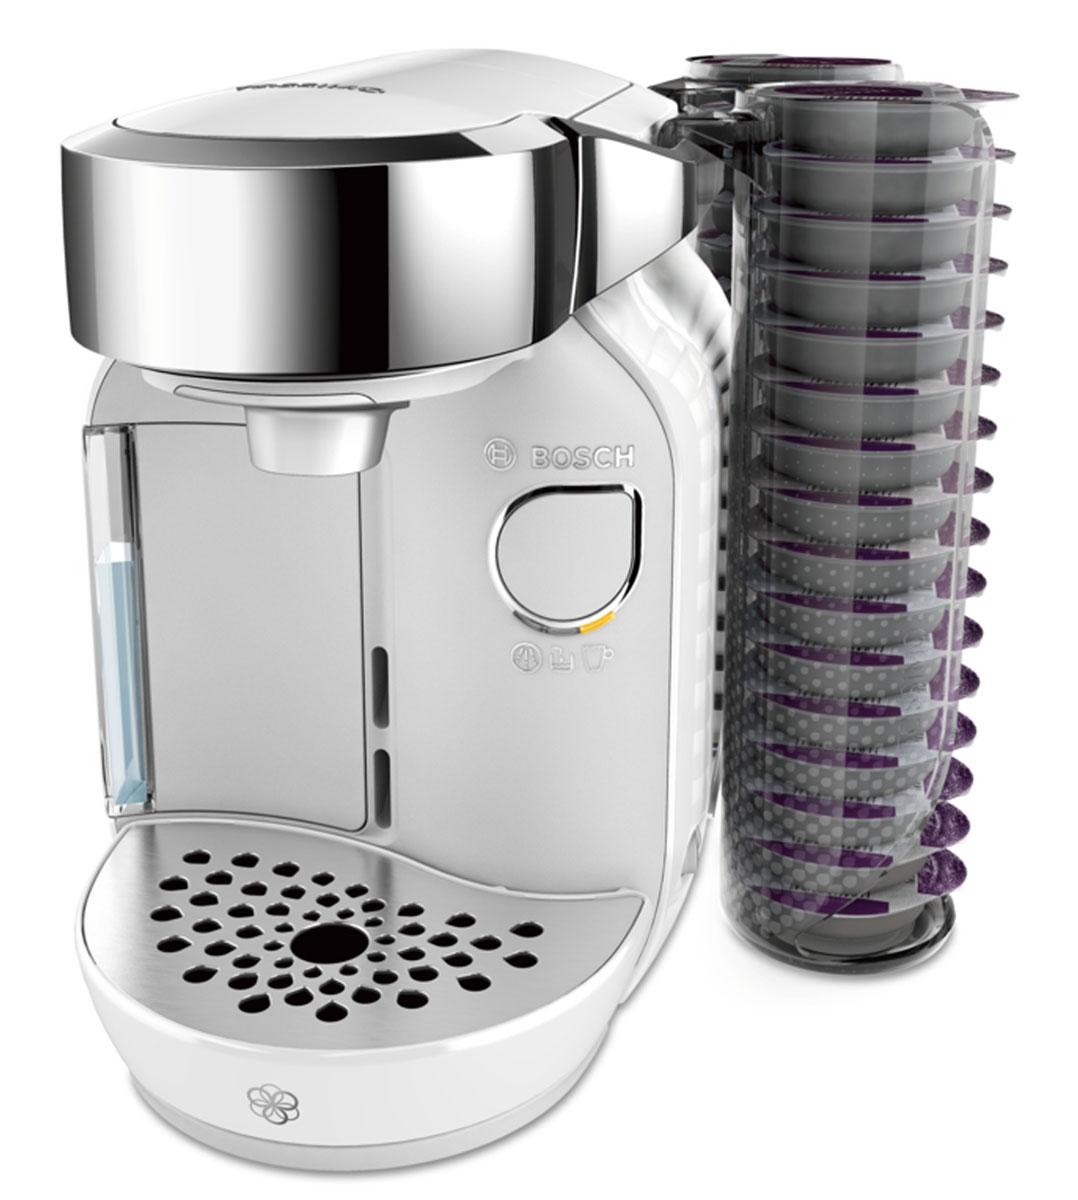 Bosch TAS7004 капсульная кофемашина